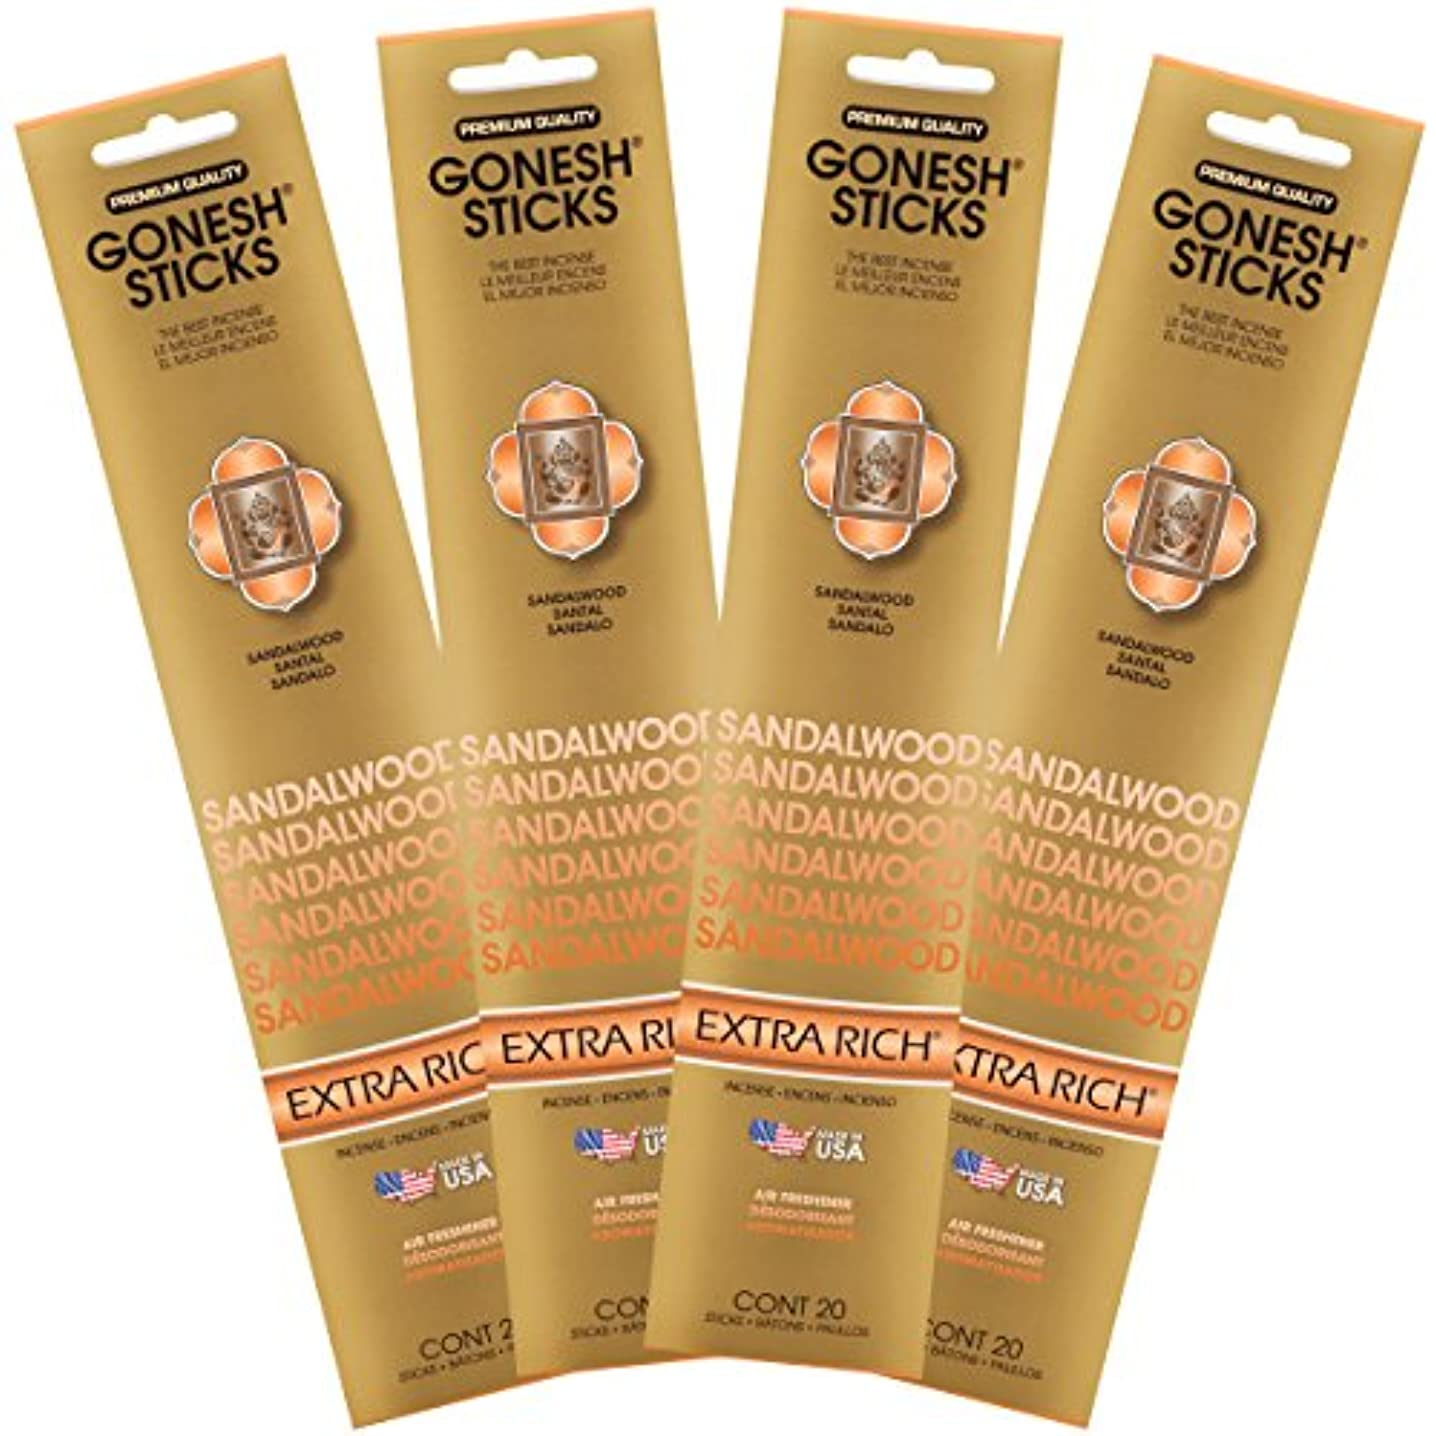 使役大無視できる(Set of Four 20-Stick Packs) - Sandalwood - 4 PACK- Extra Rich Incense by GONESH